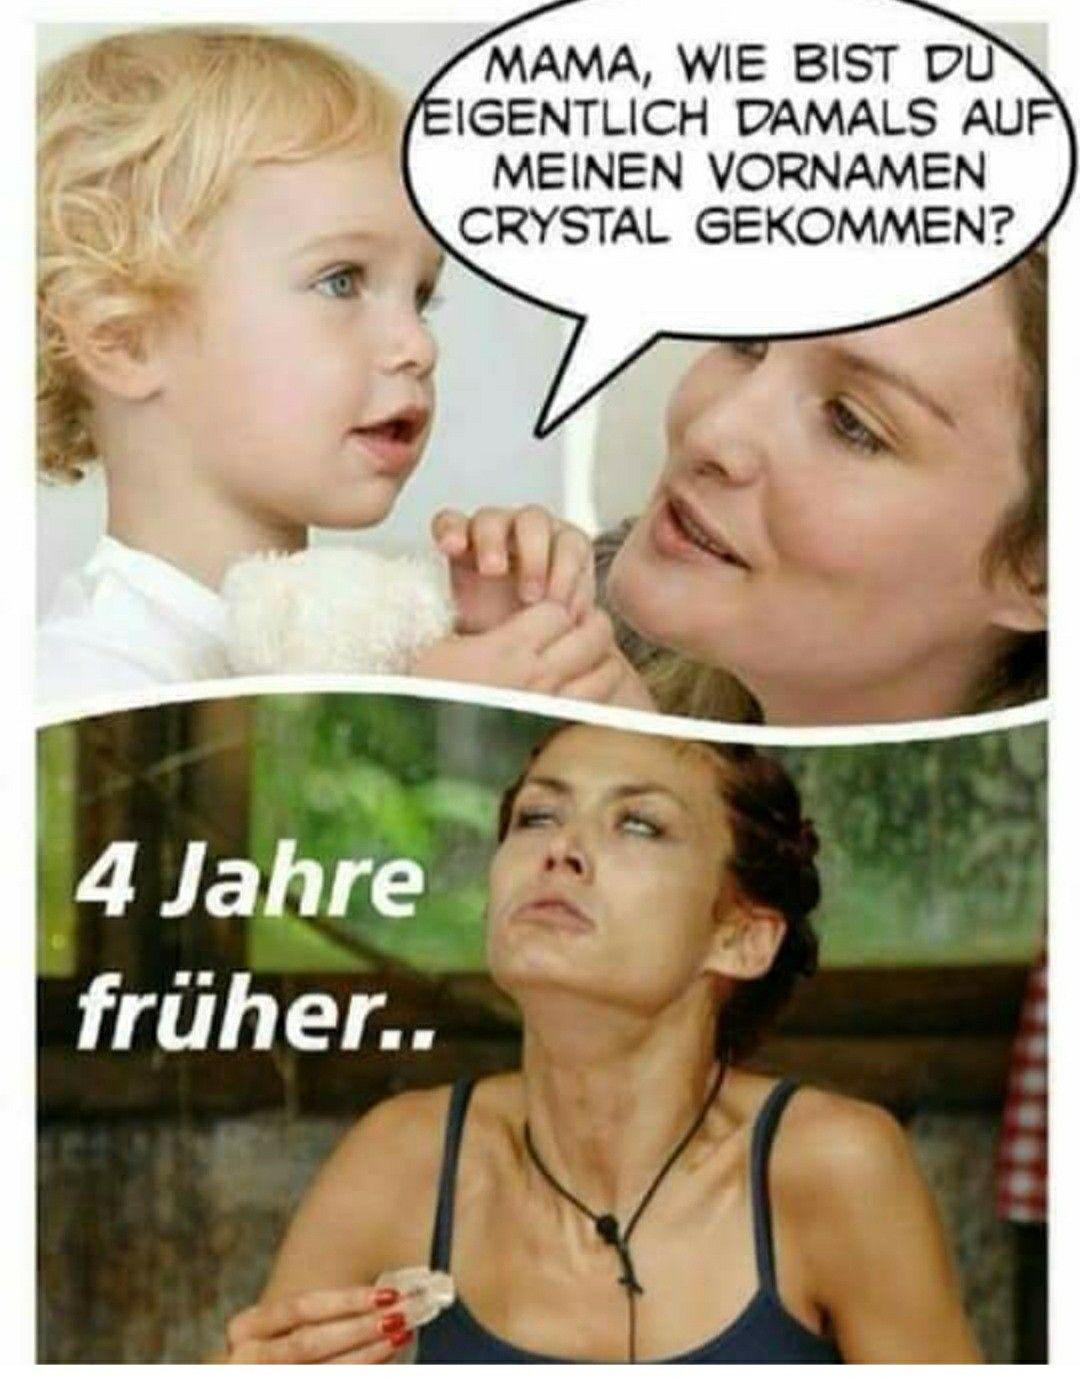 Pin Von Pawel Obielak Auf Smieszne Fotki Lustig Humor Bilder Lustige Bilder